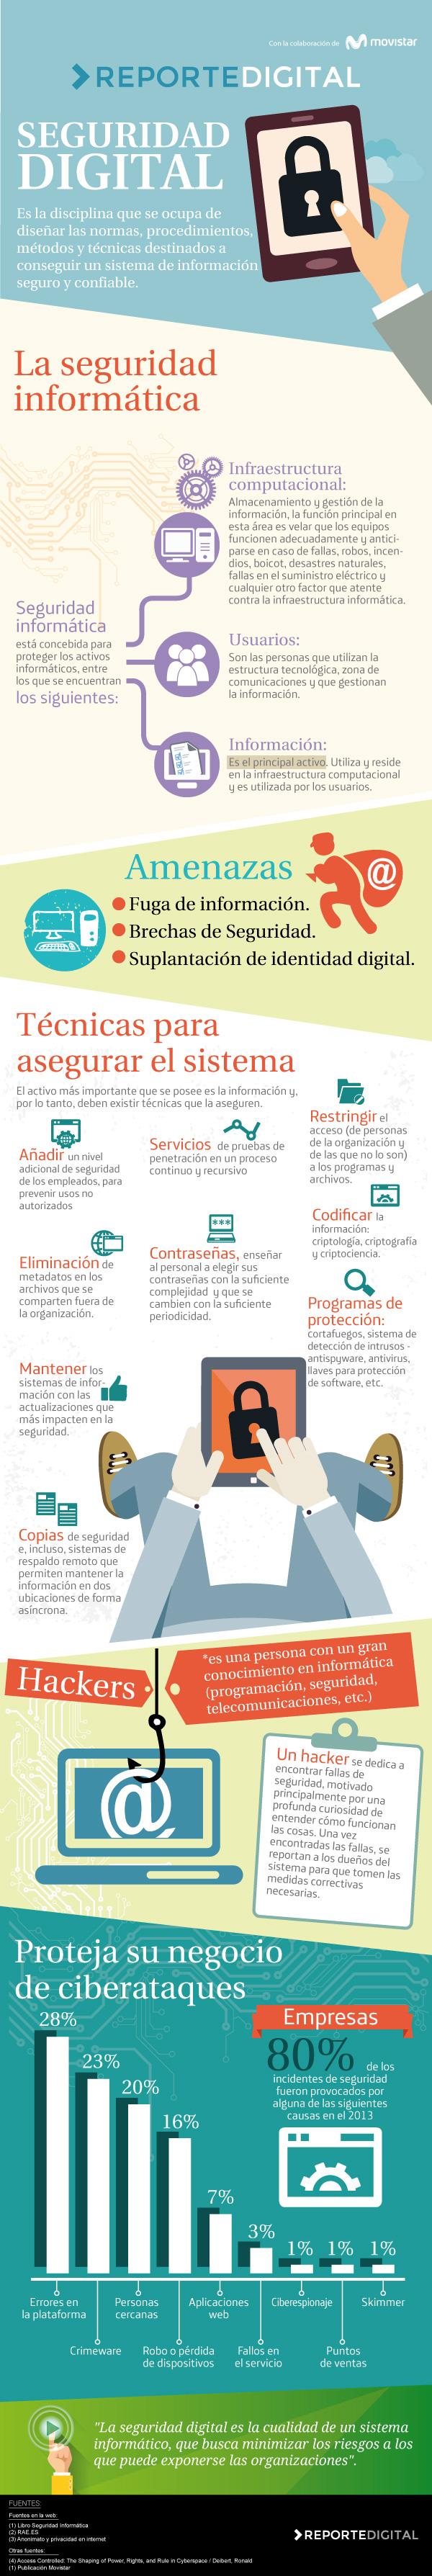 Seguridad digital: cómo aprovecharla en las organizaciones